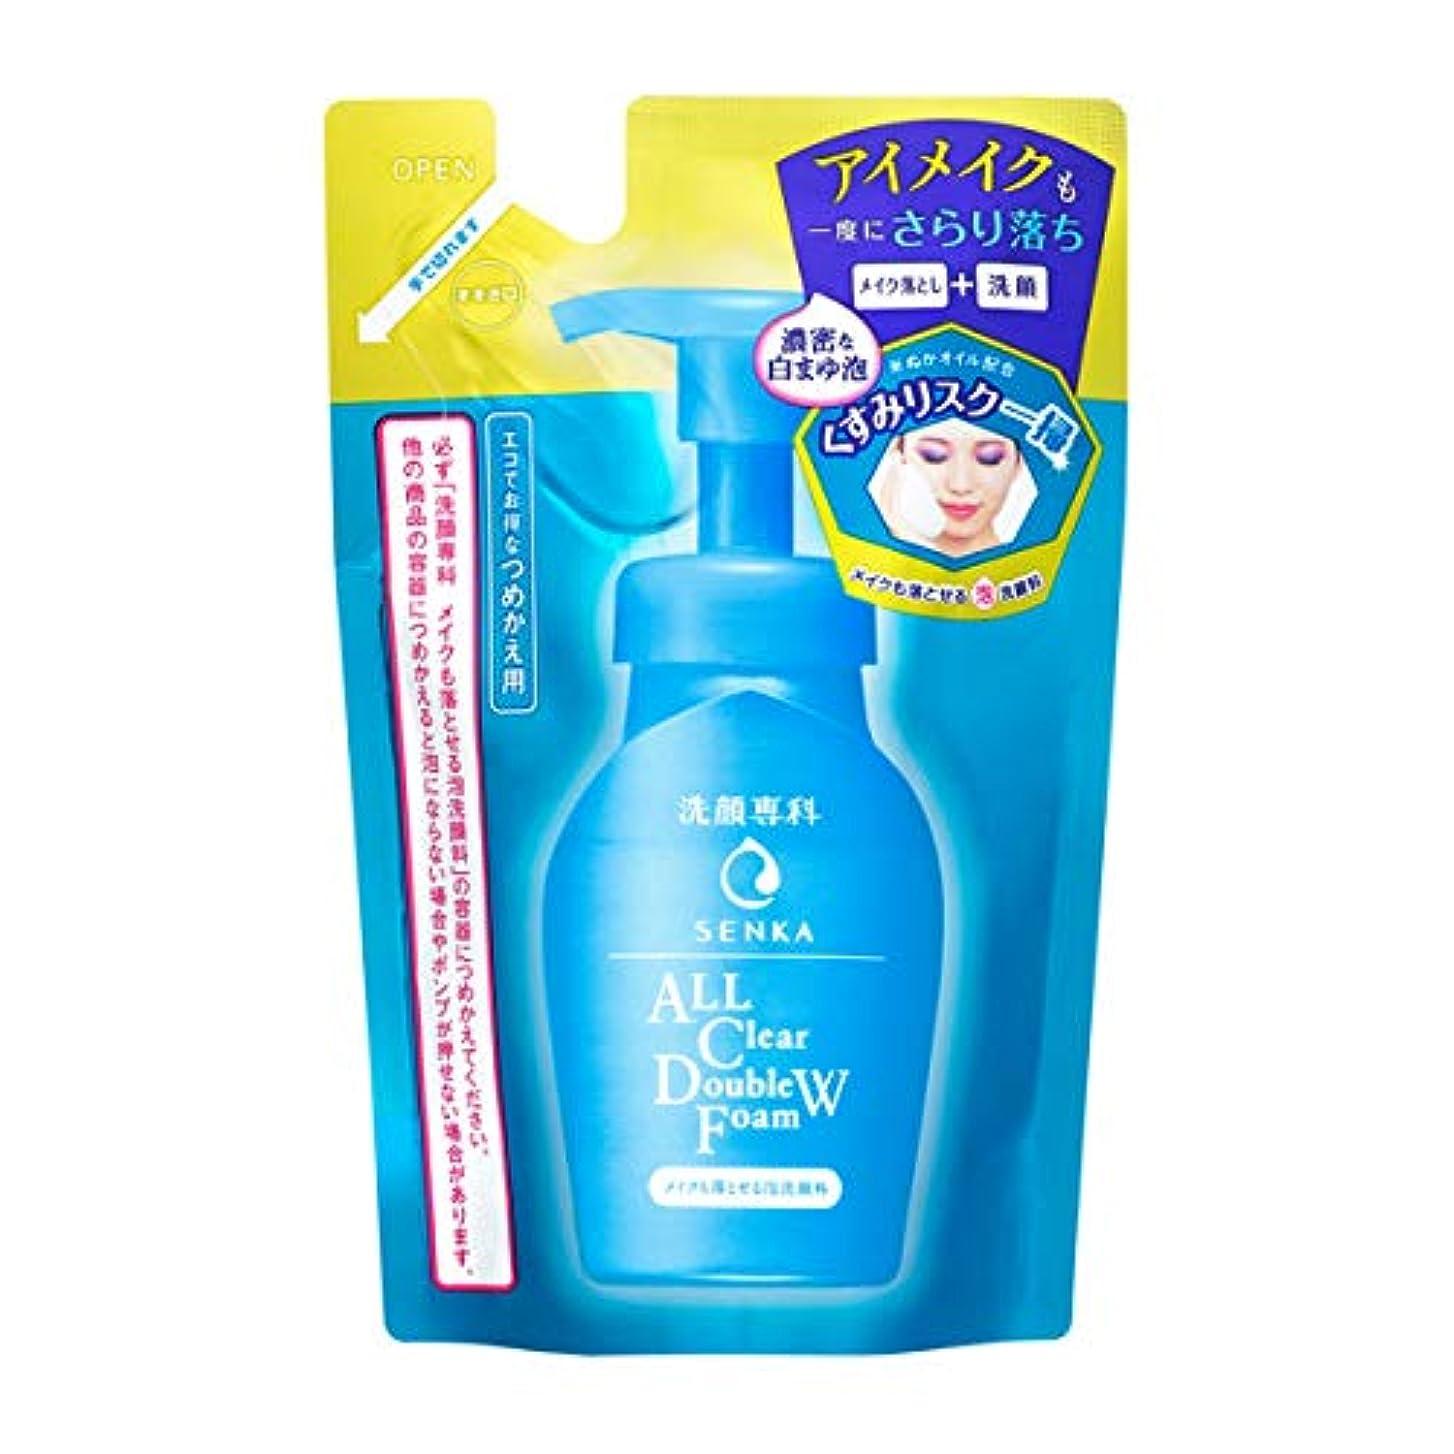 気になる設置ギャップ洗顔専科 メイクも落とせる泡洗顔料 つめかえ用 130ml やさしく香るみずみずしいフローラルの香り